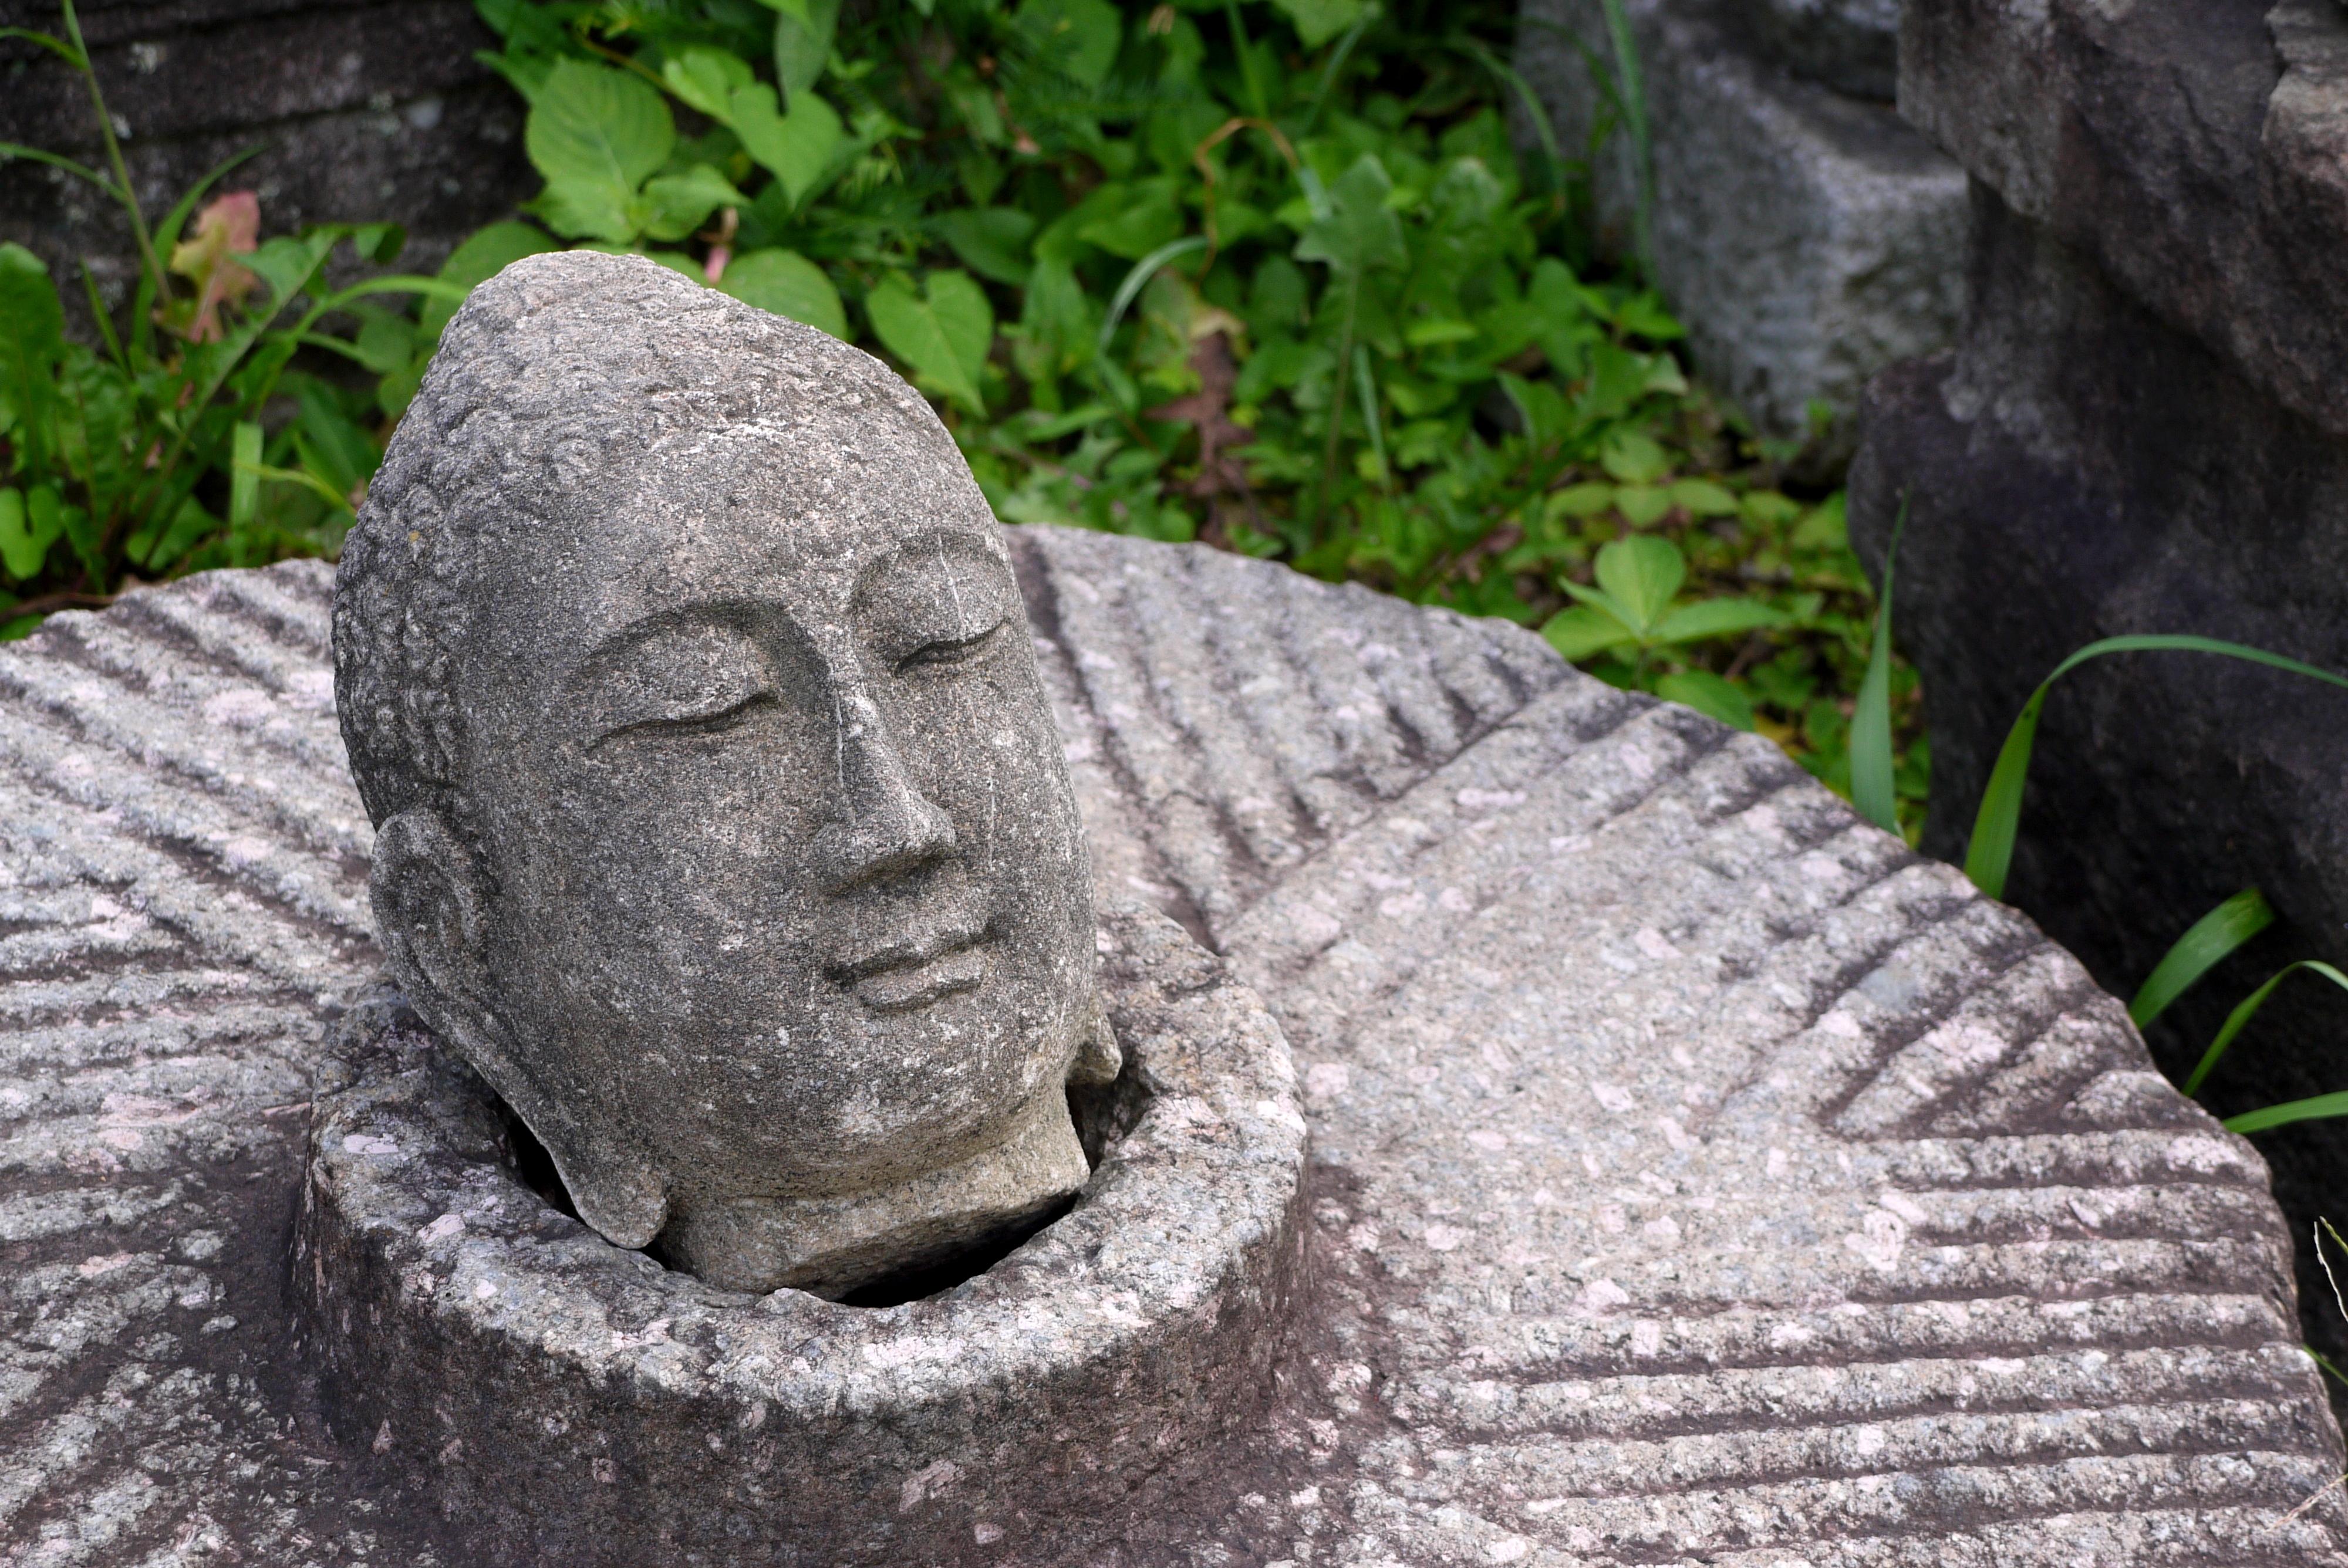 돌로 조각된 불상의 머리 부분